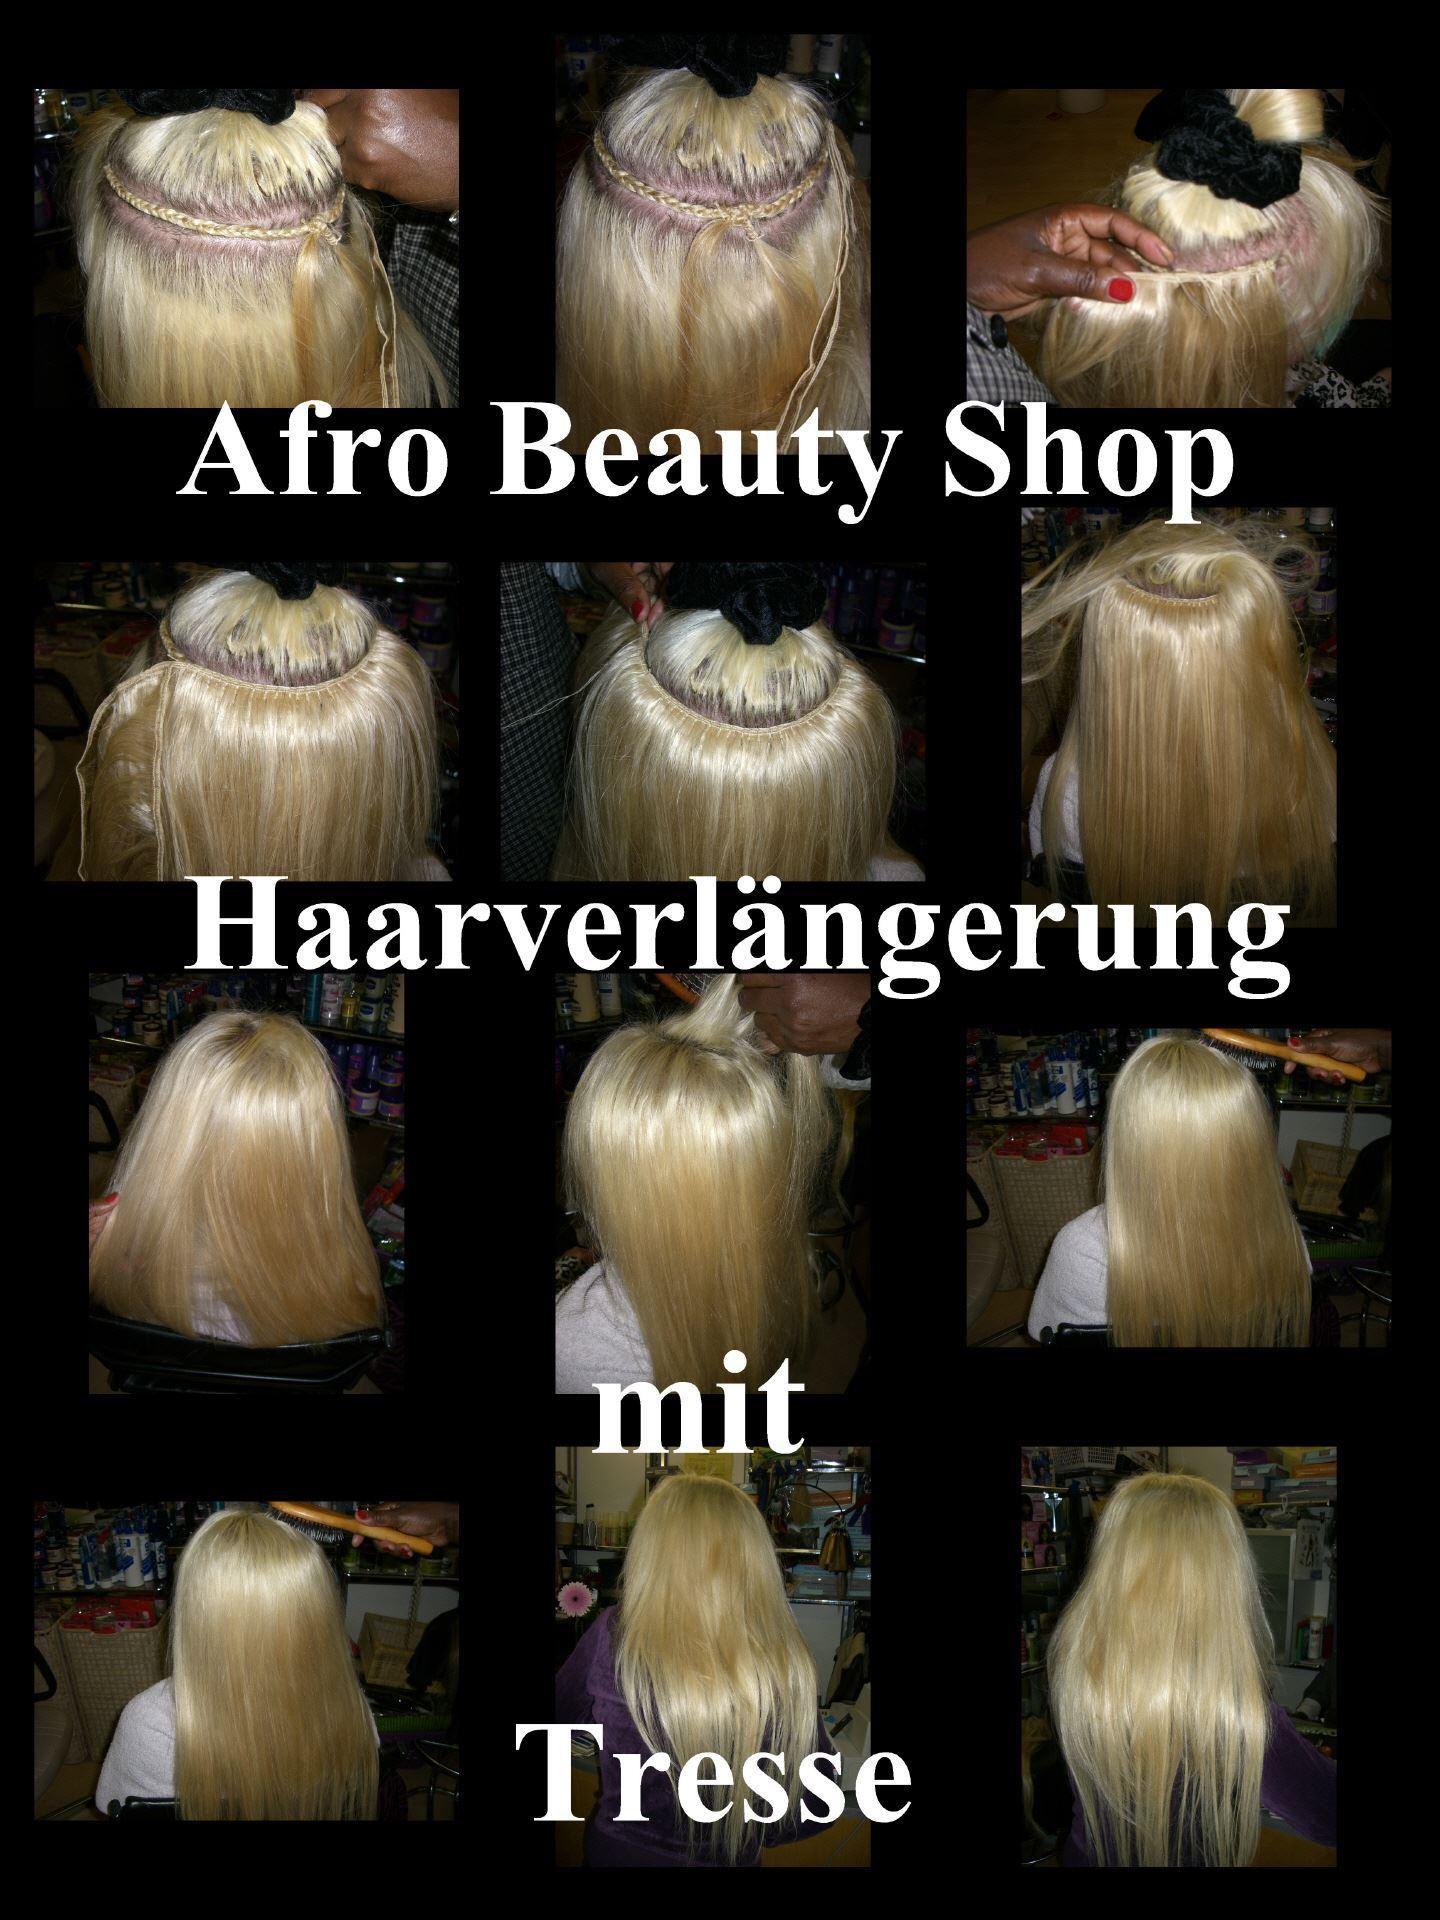 Haarverlangerung die beste methode